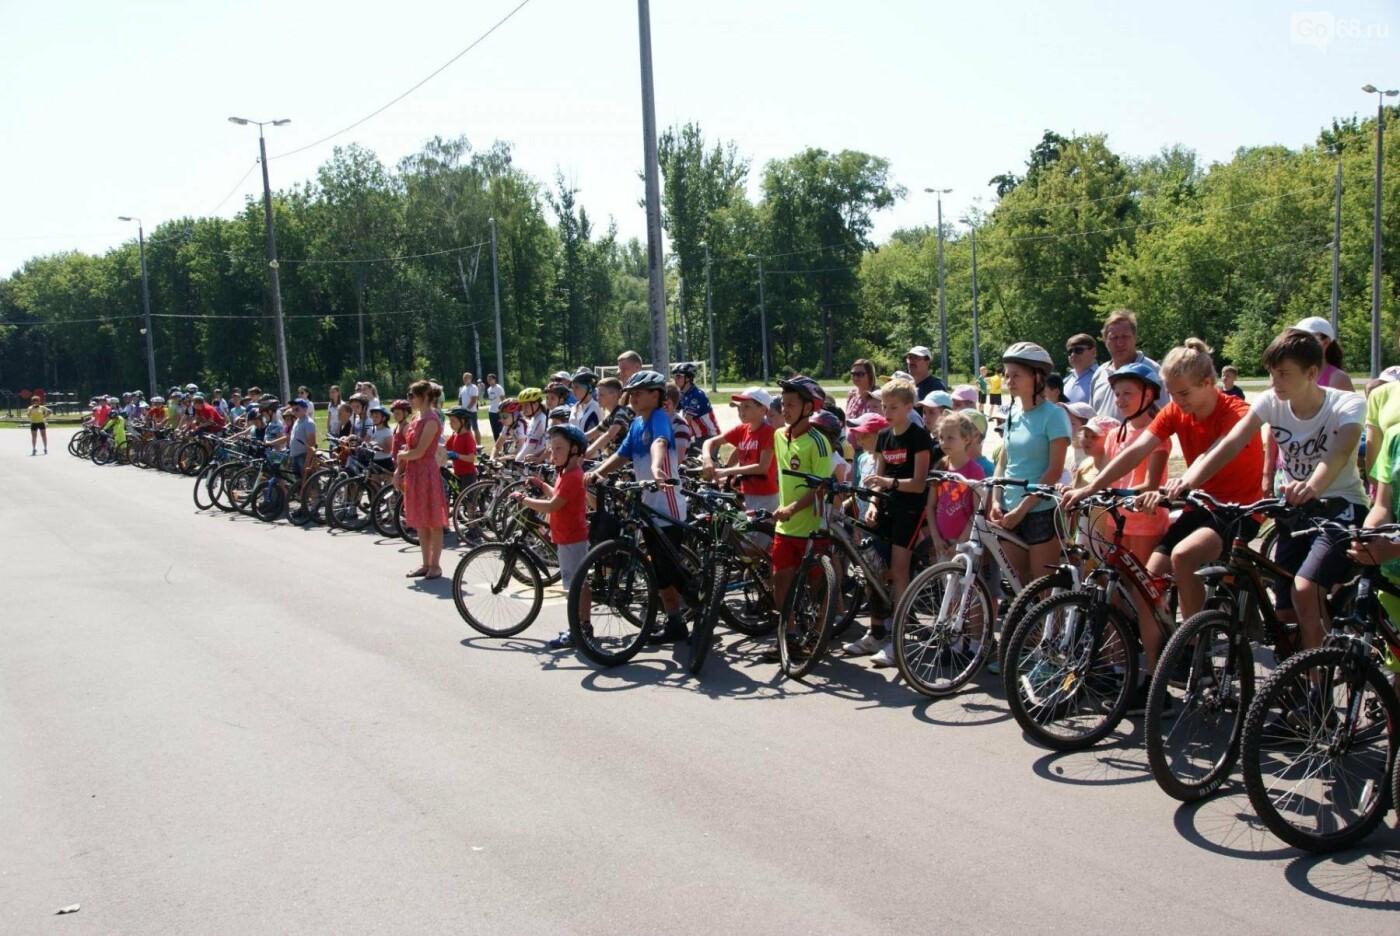 Тамбовский фестиваль «Солнце на спицах» объединил любителей велоспорта, фото-3